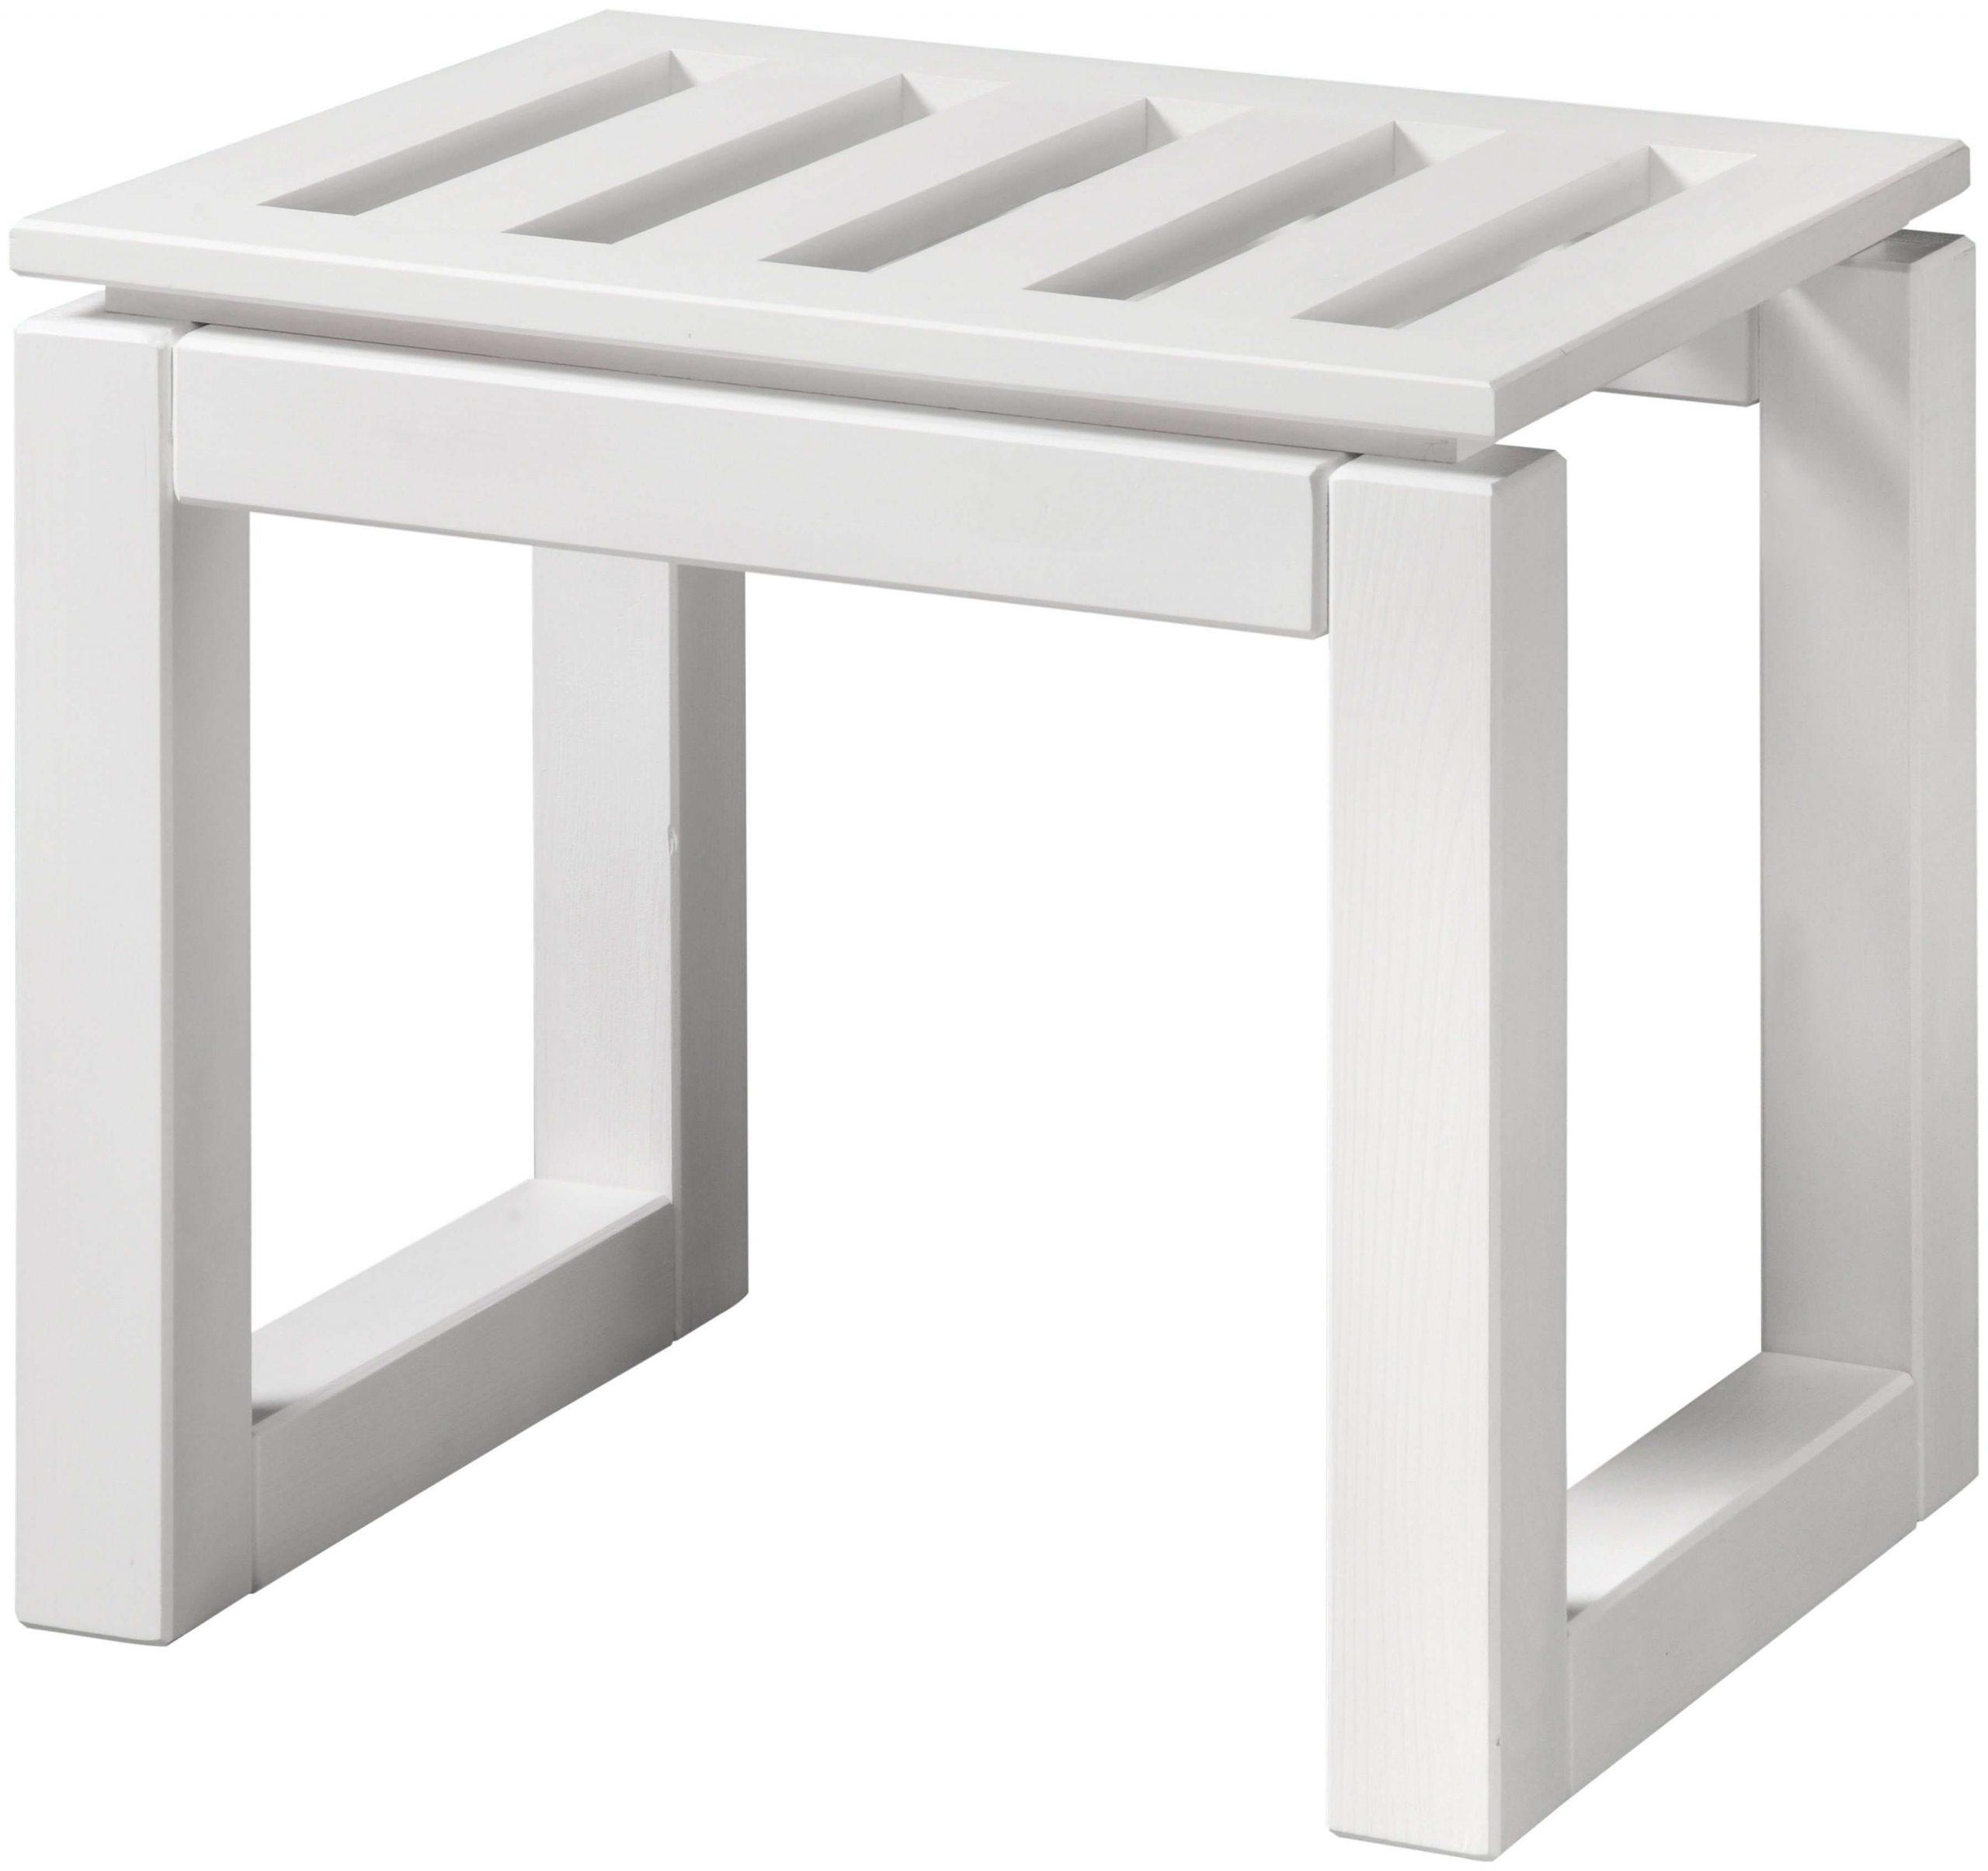 Full Size of Apothekerschrank Ikea Modulküche Miniküche Küche Kosten Betten 160x200 Sofa Mit Schlaffunktion Kaufen Bei Wohnzimmer Apothekerschrank Ikea